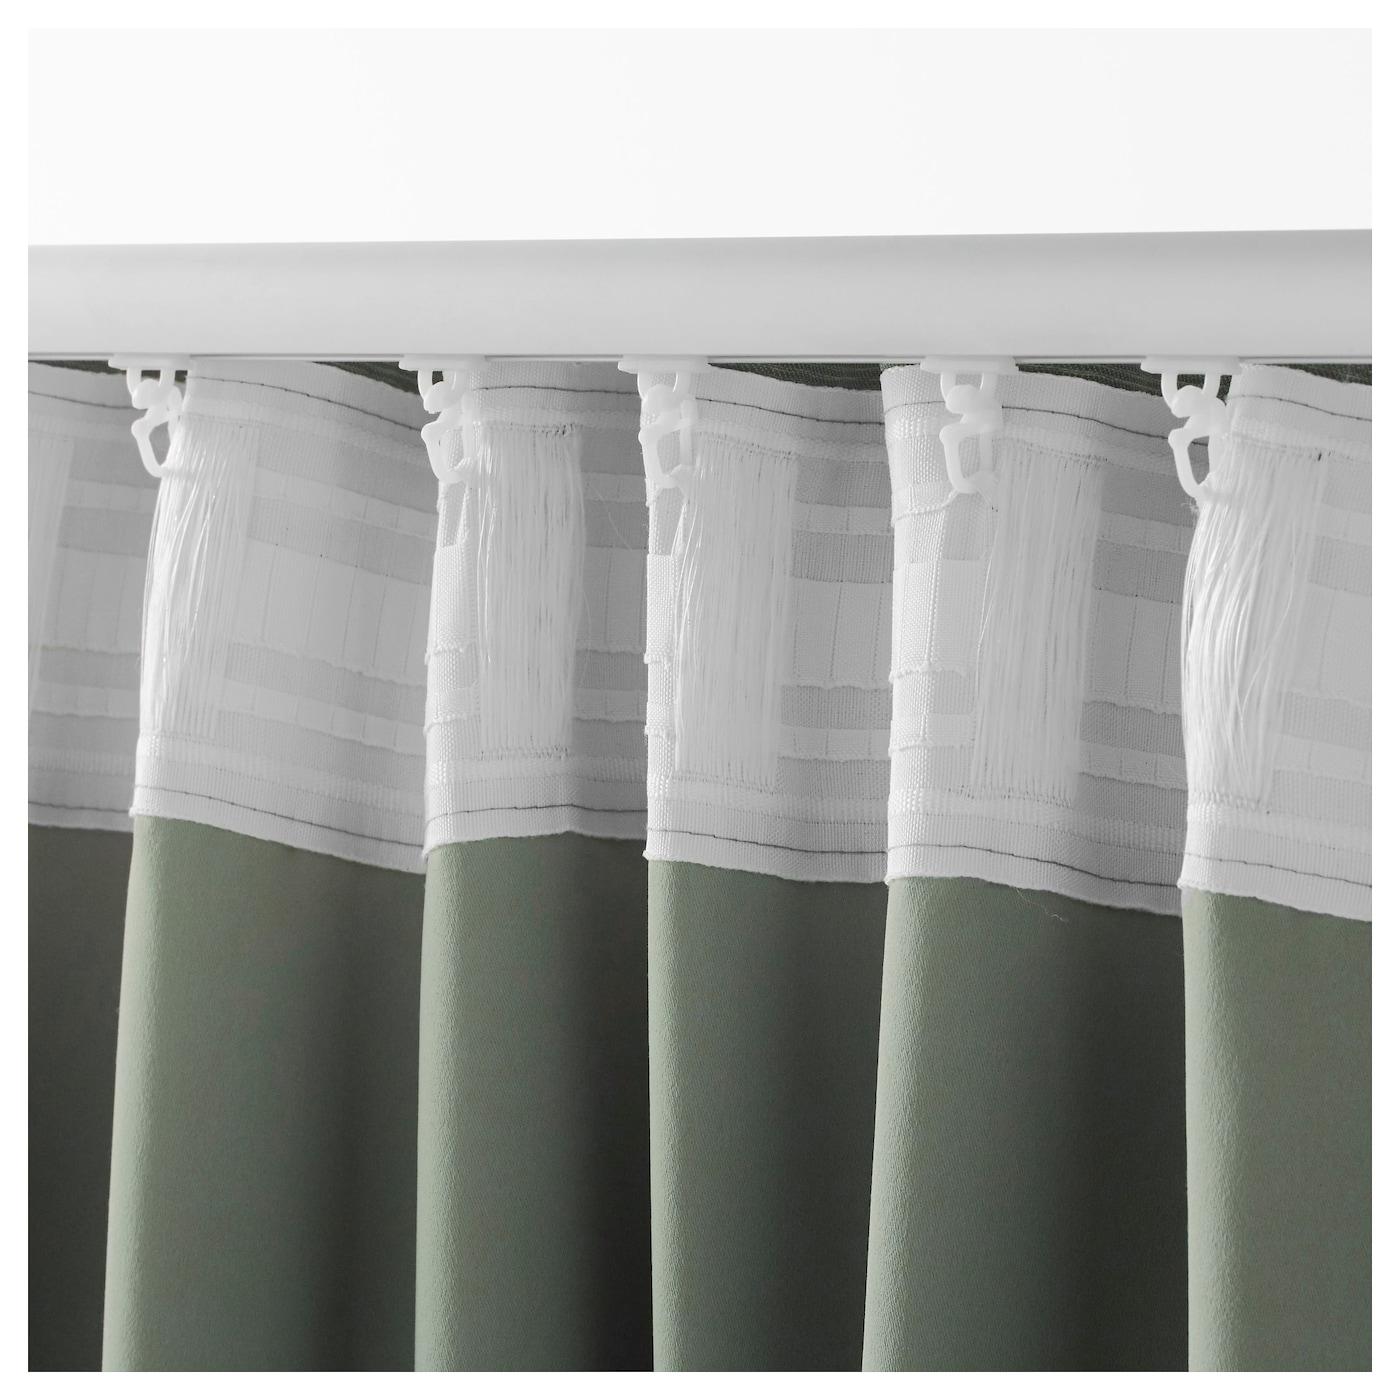 vilborg rideaux 1 paire vert 145x300 cm ikea. Black Bedroom Furniture Sets. Home Design Ideas